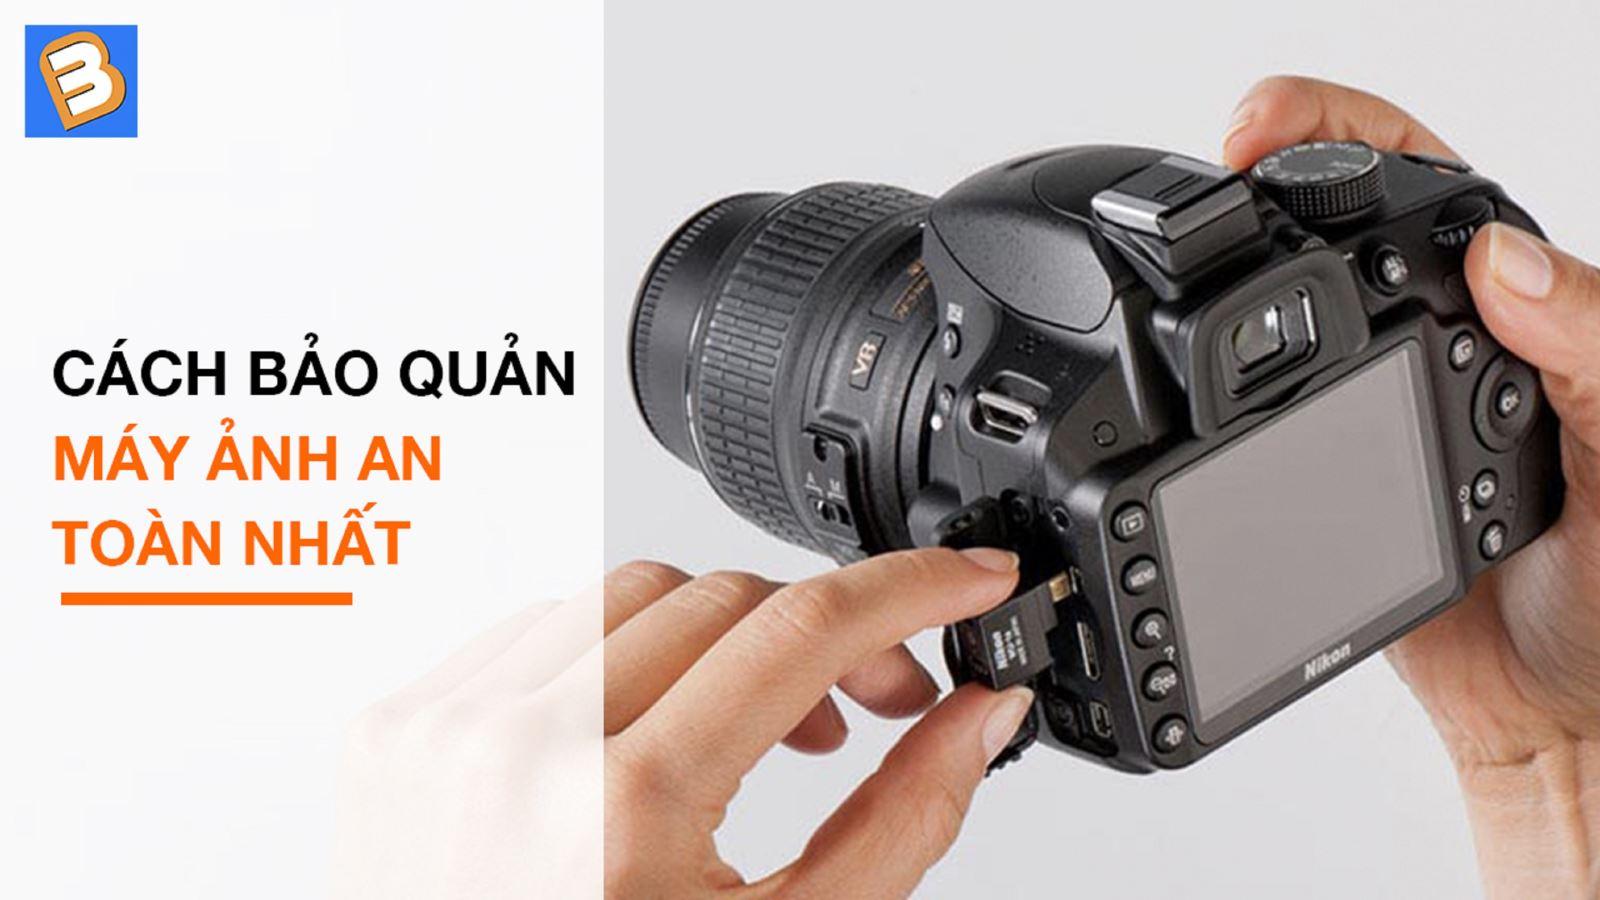 Cách bảo quản máy ảnh an toàn nhất